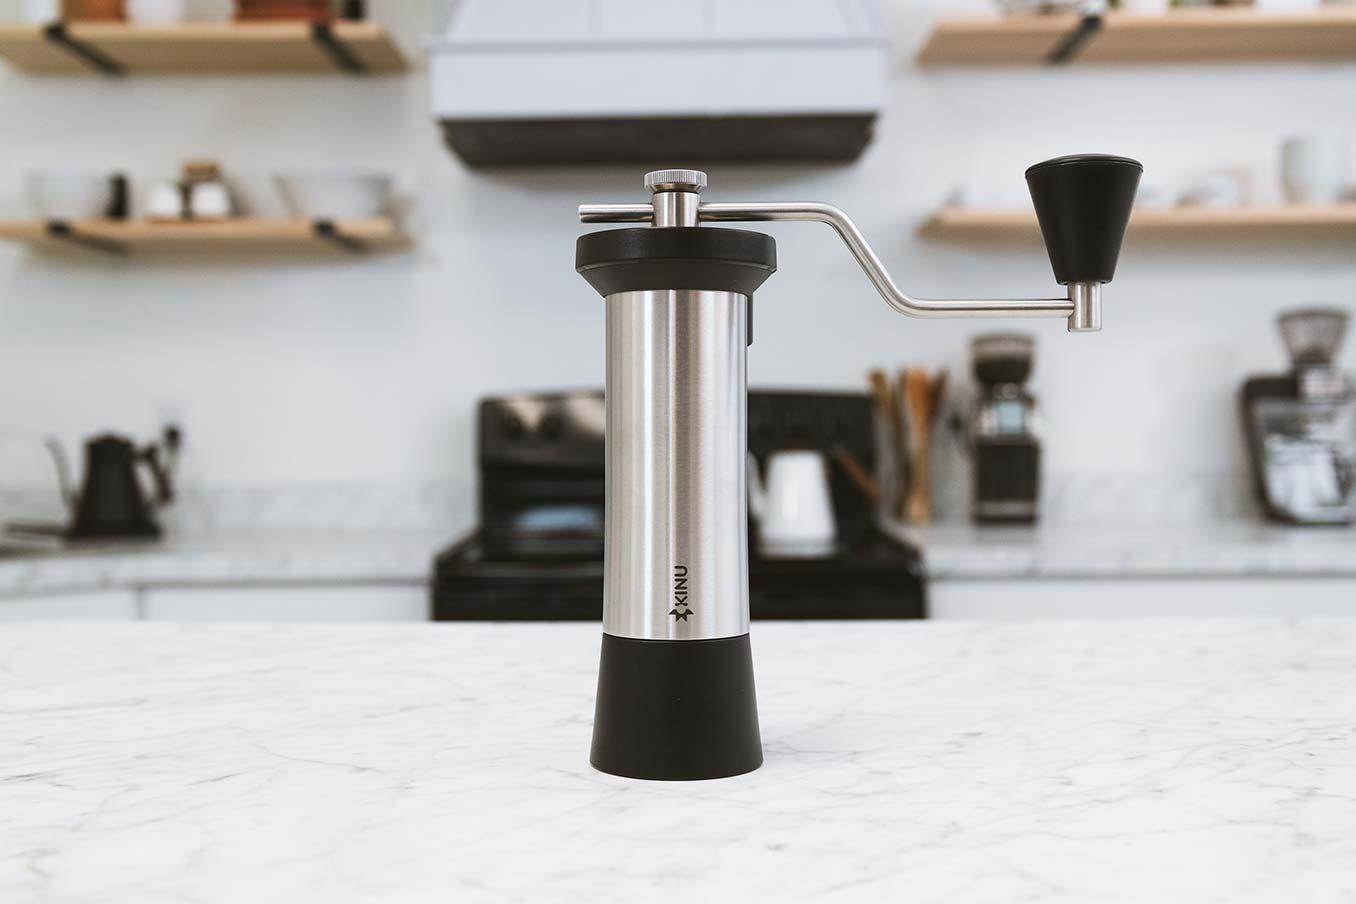 kinu simplicity hand grinder